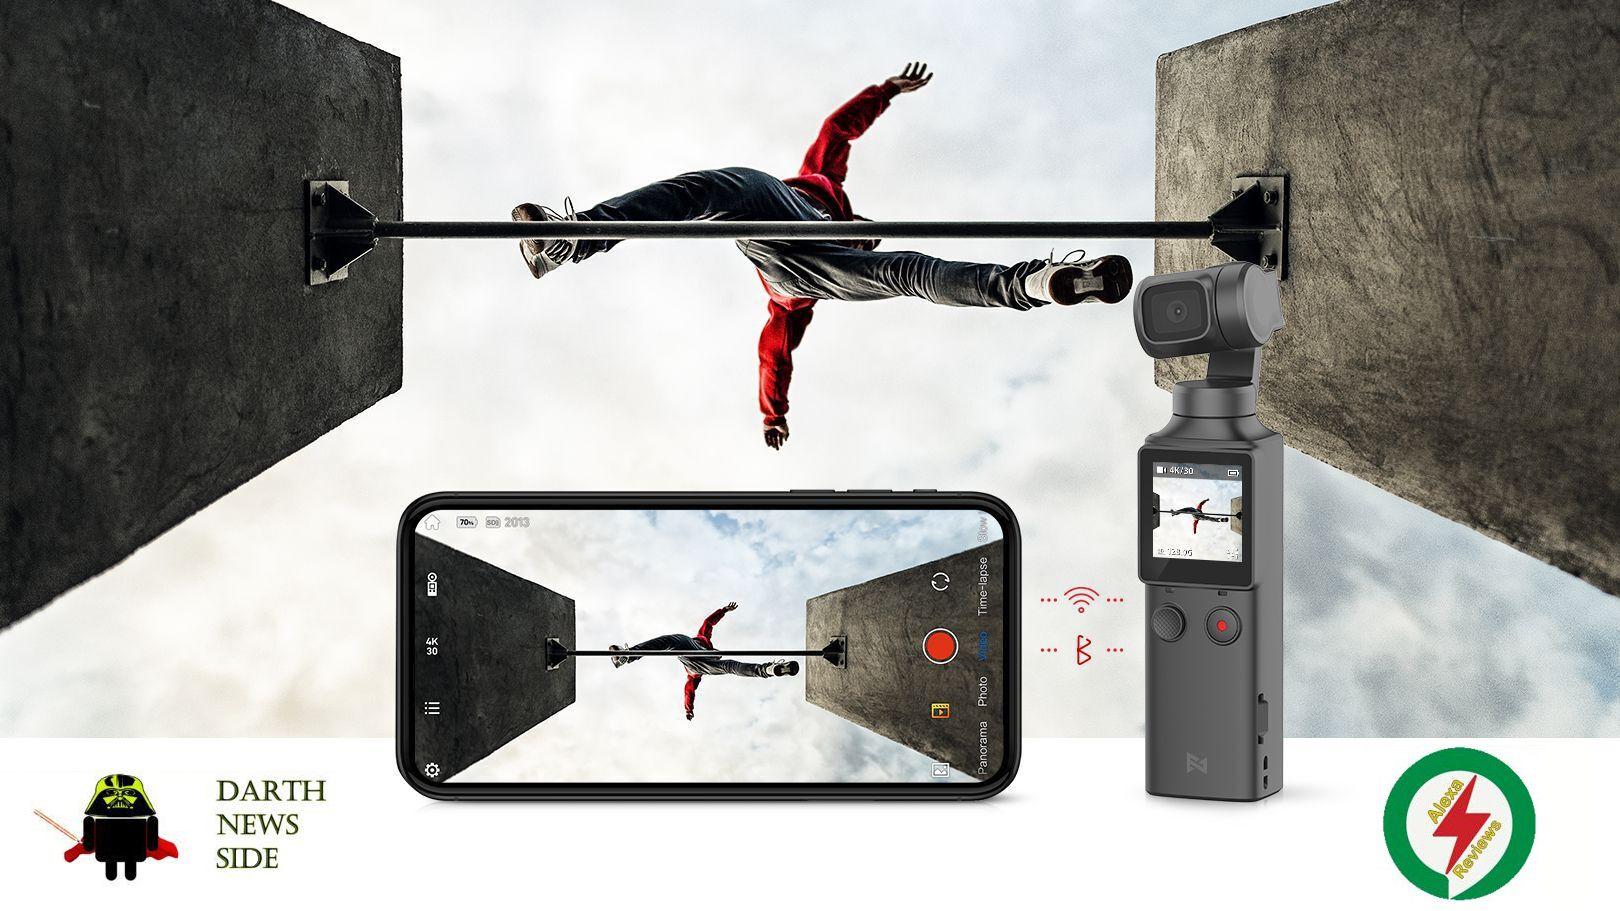 Recensione Xiaomi FIMI PALM: sembra un DJI Osmo Pocket, ma non è un clone e costa molto meno